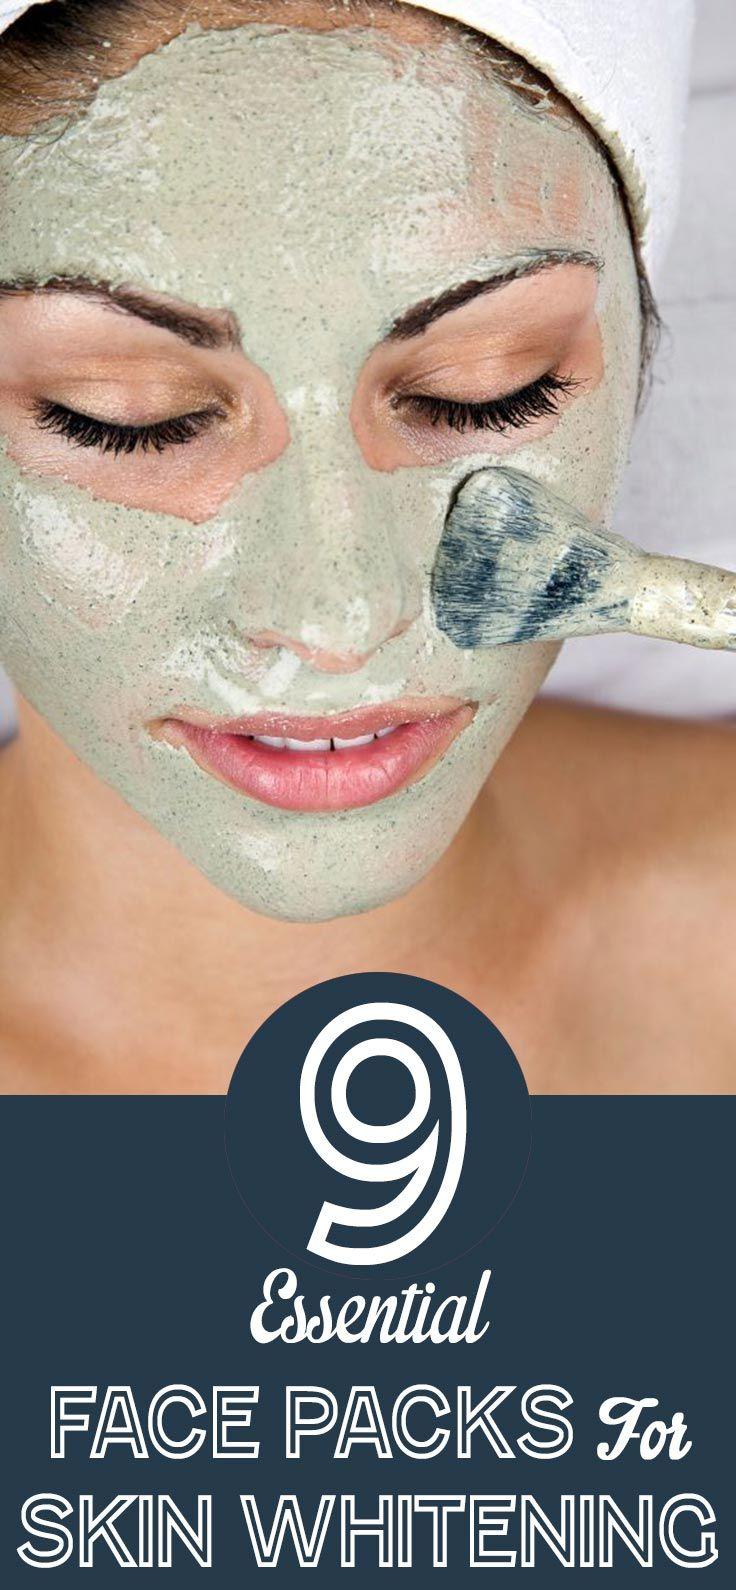 Beauty tips for skin whitening face packs for skin lightening